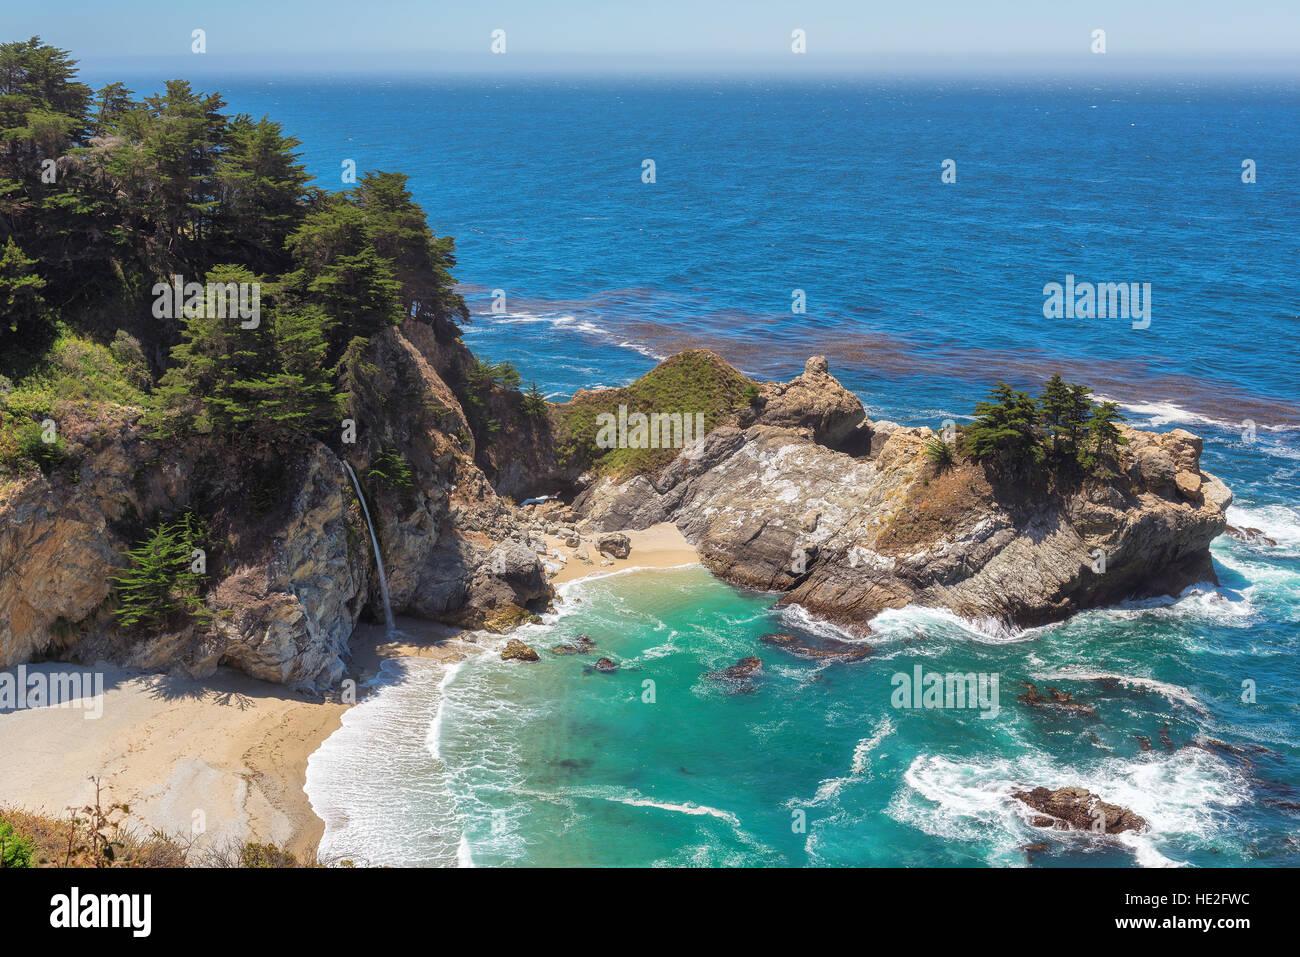 Bellissima spiaggia sulla costa del Pacifico Foto Stock